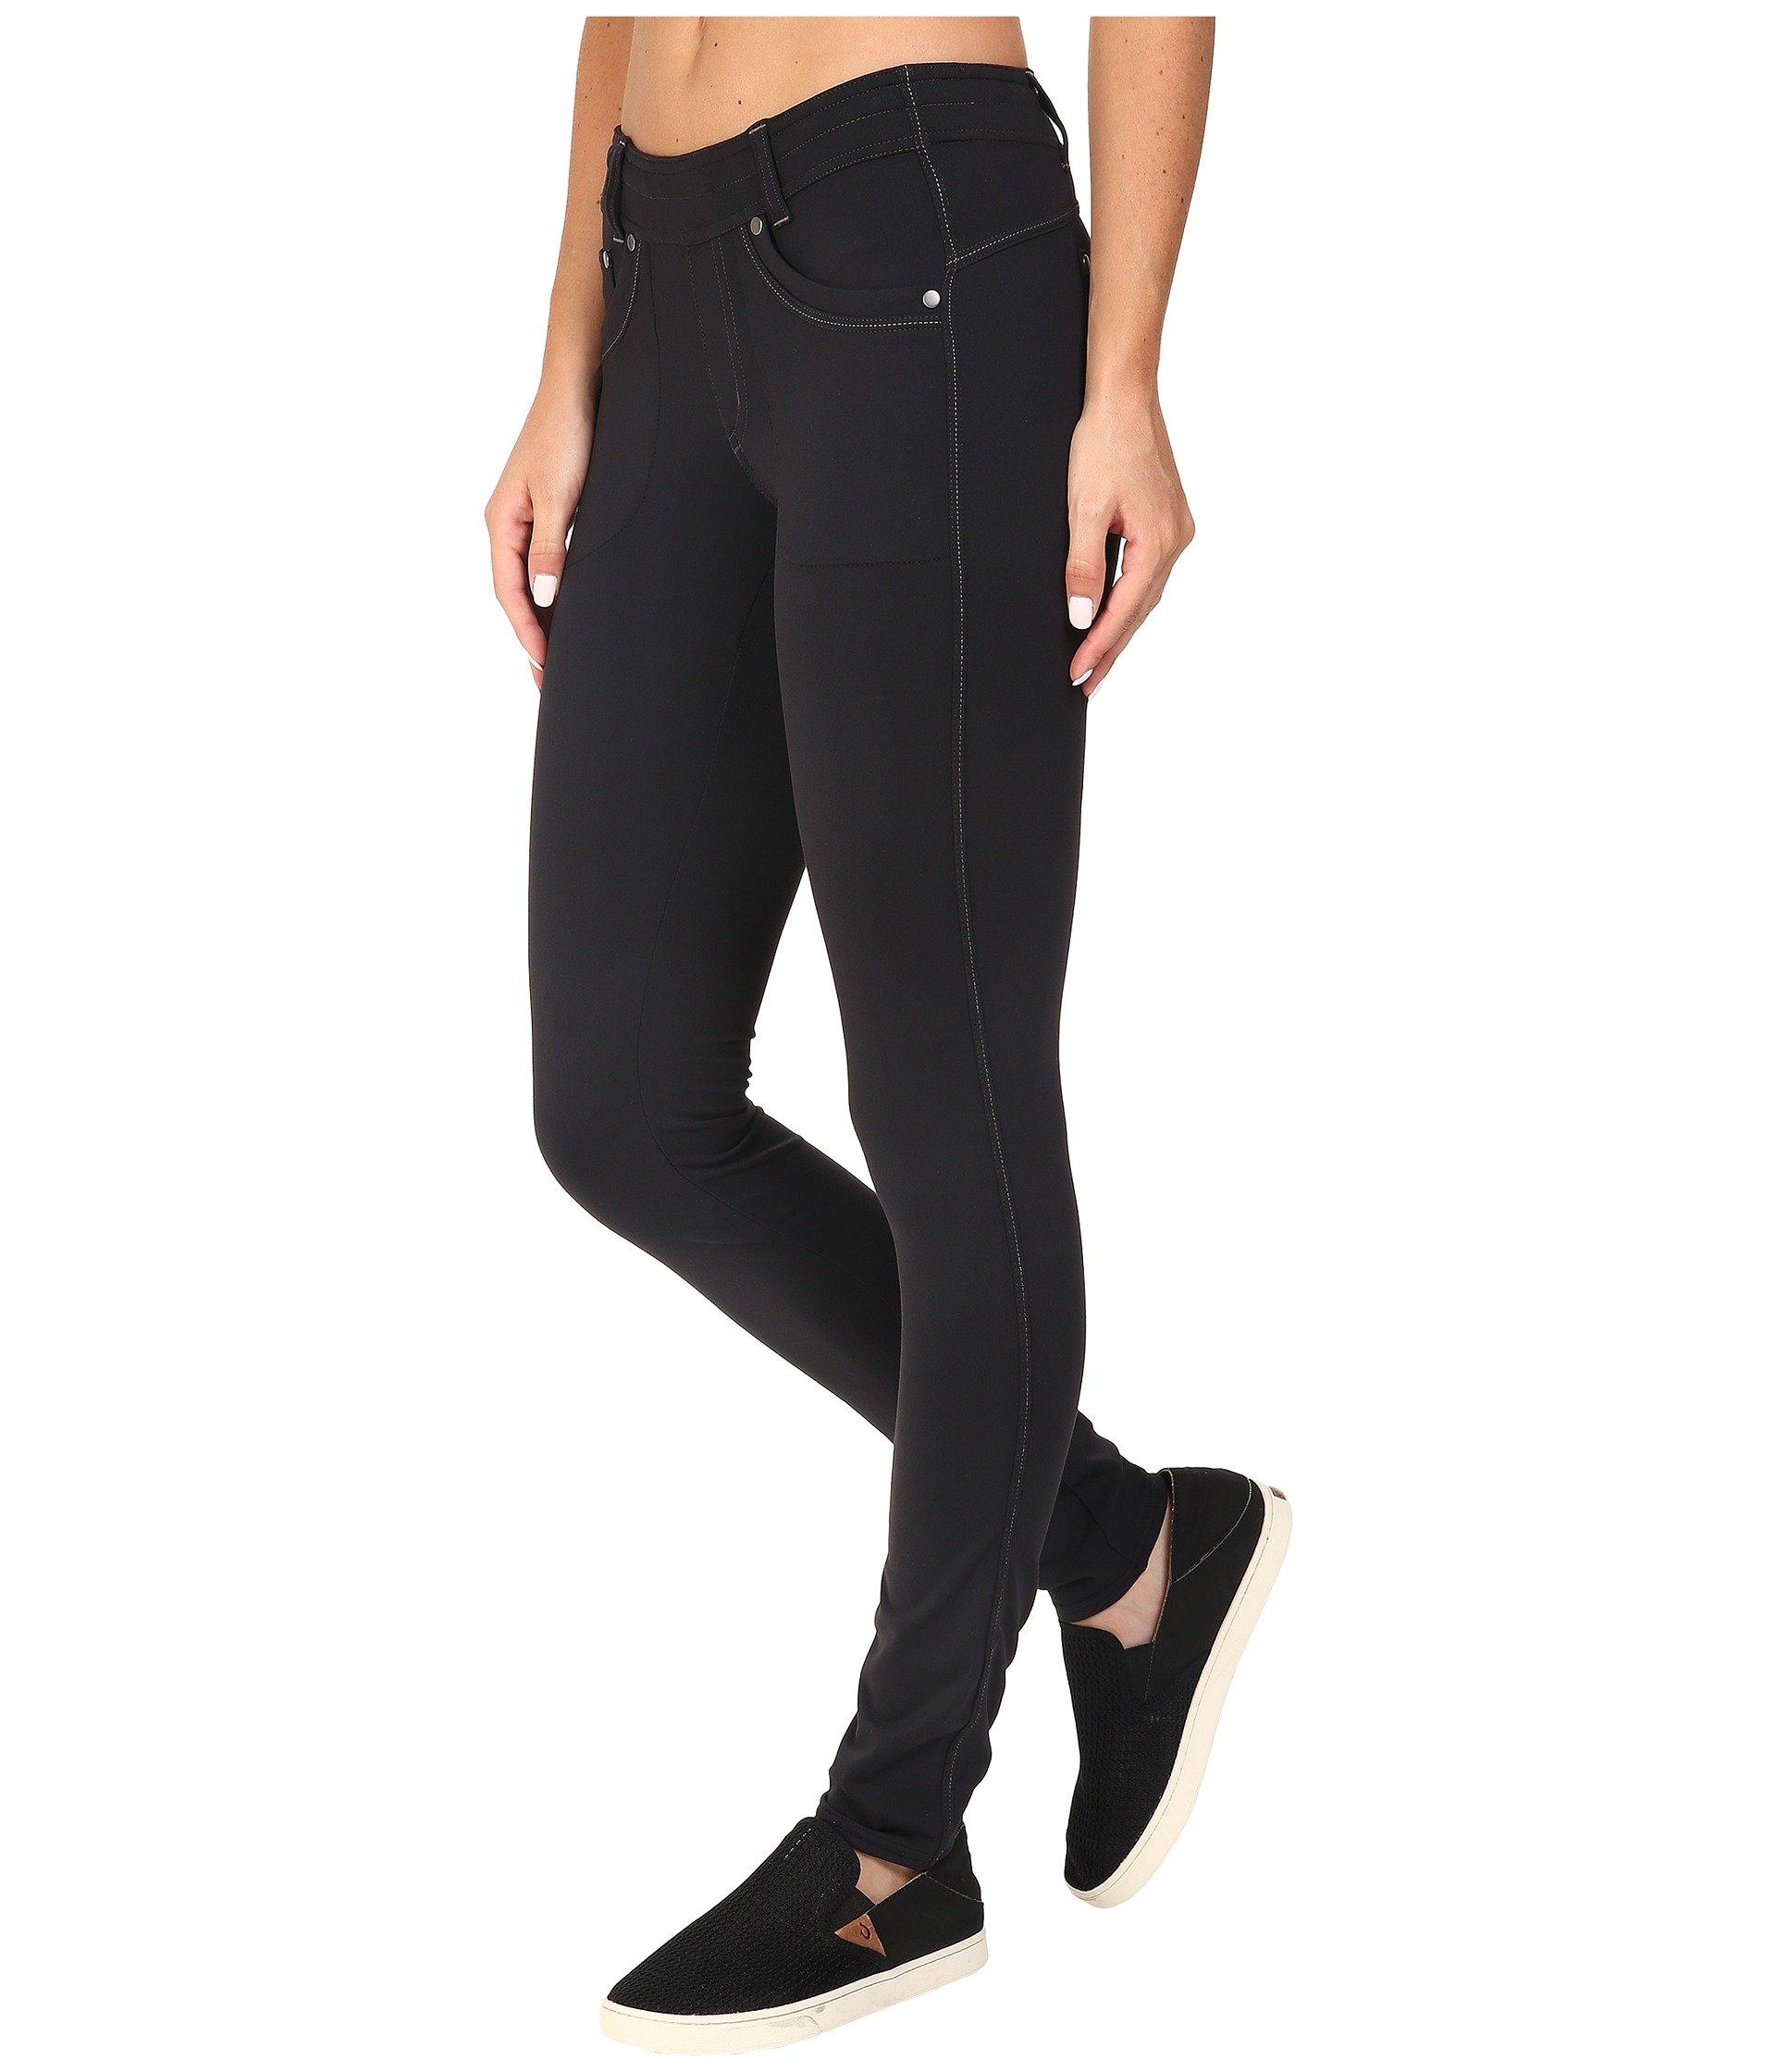 kuhl black skinny pants